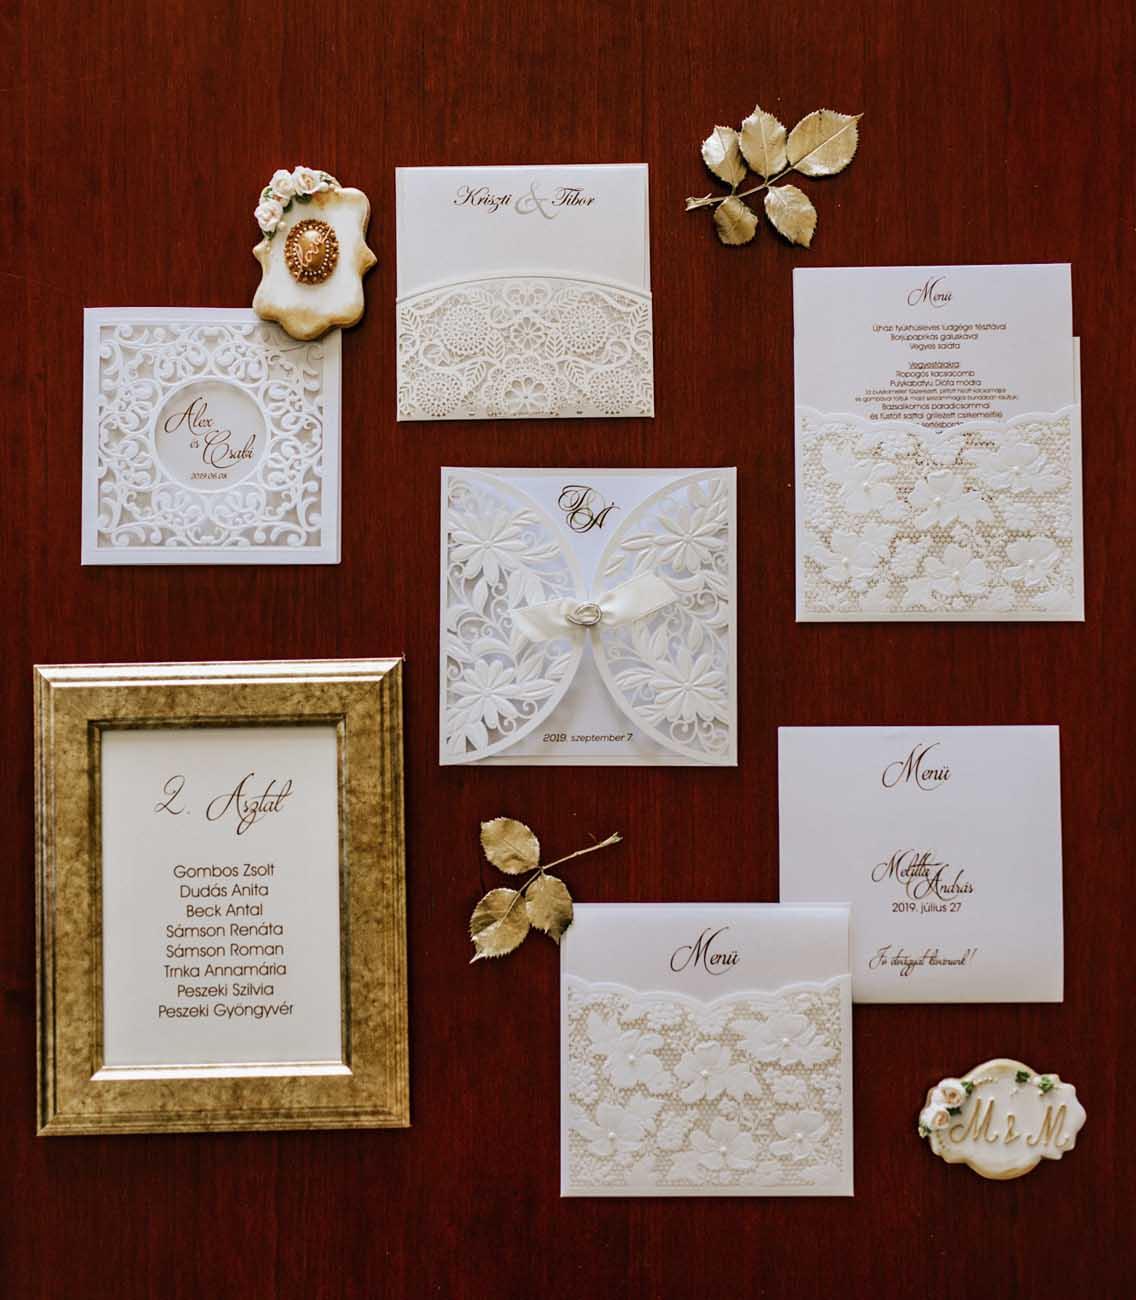 esküvői idézet, Esküvői meghívó és papírdekoráció személyre szabva: szerelmes esküvői idézetek a meghívó stílusához igazítva